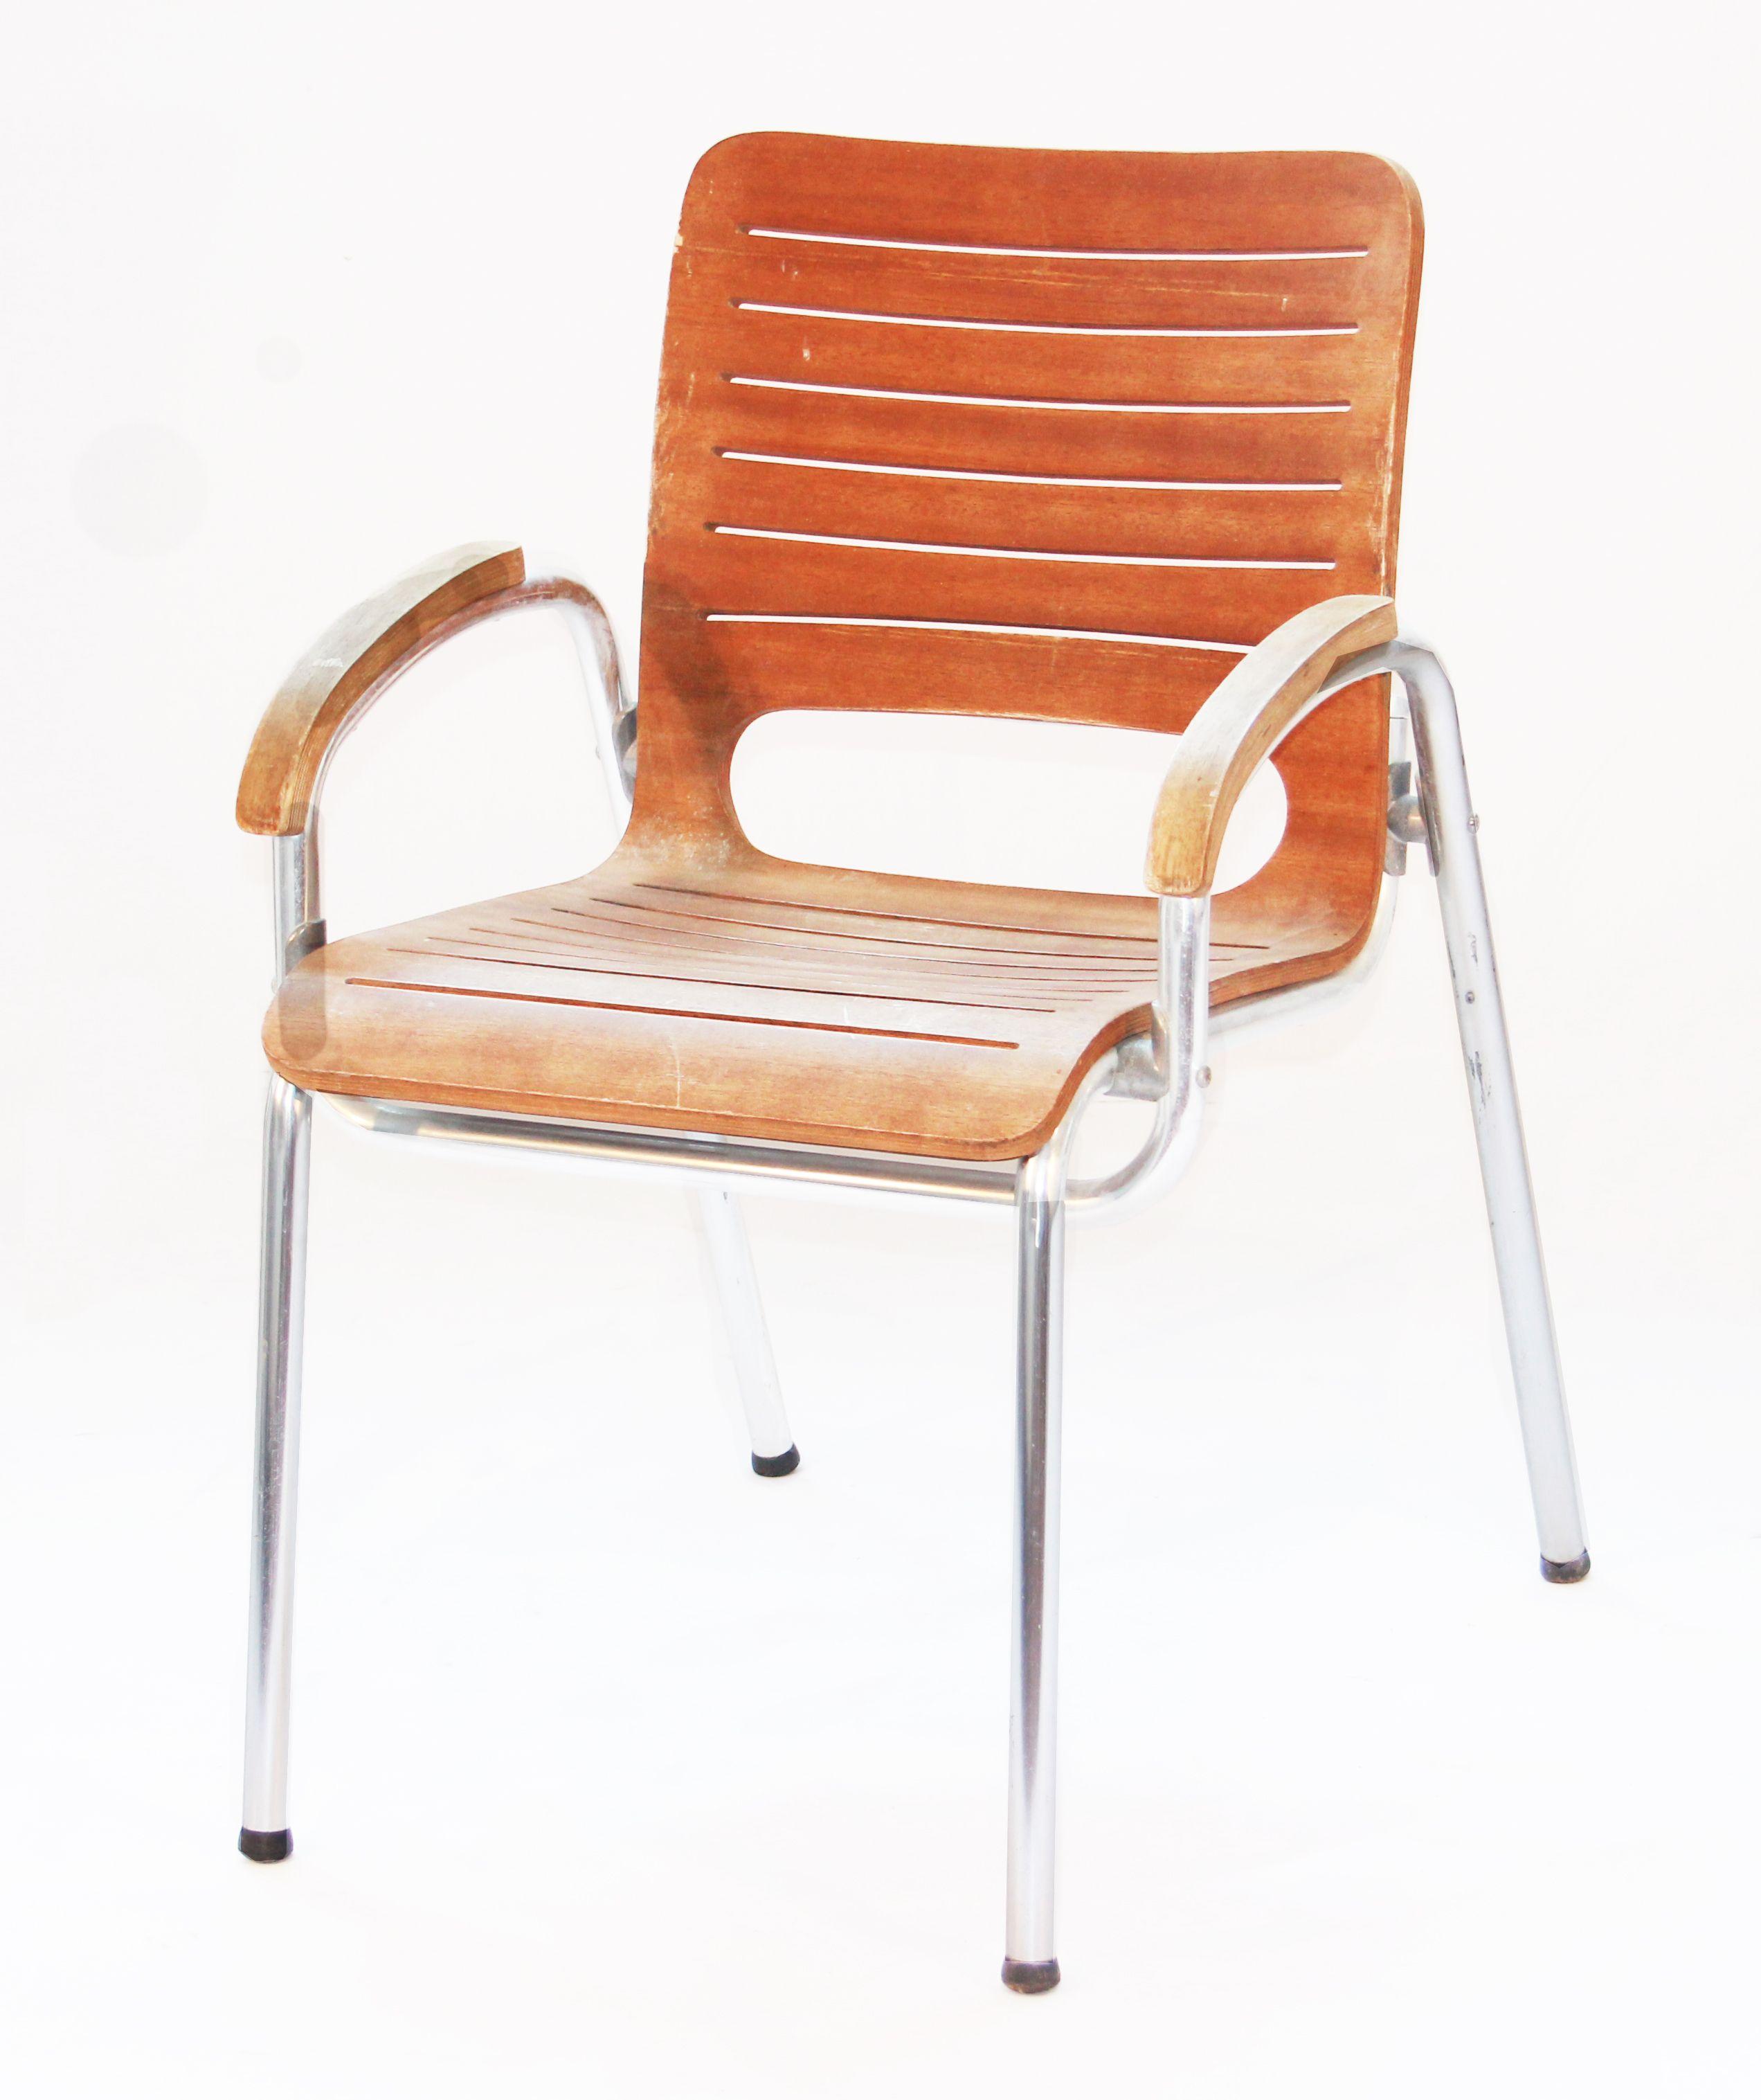 Silla Terraza Armazón De Aluminio Y Cuerpo Completo De